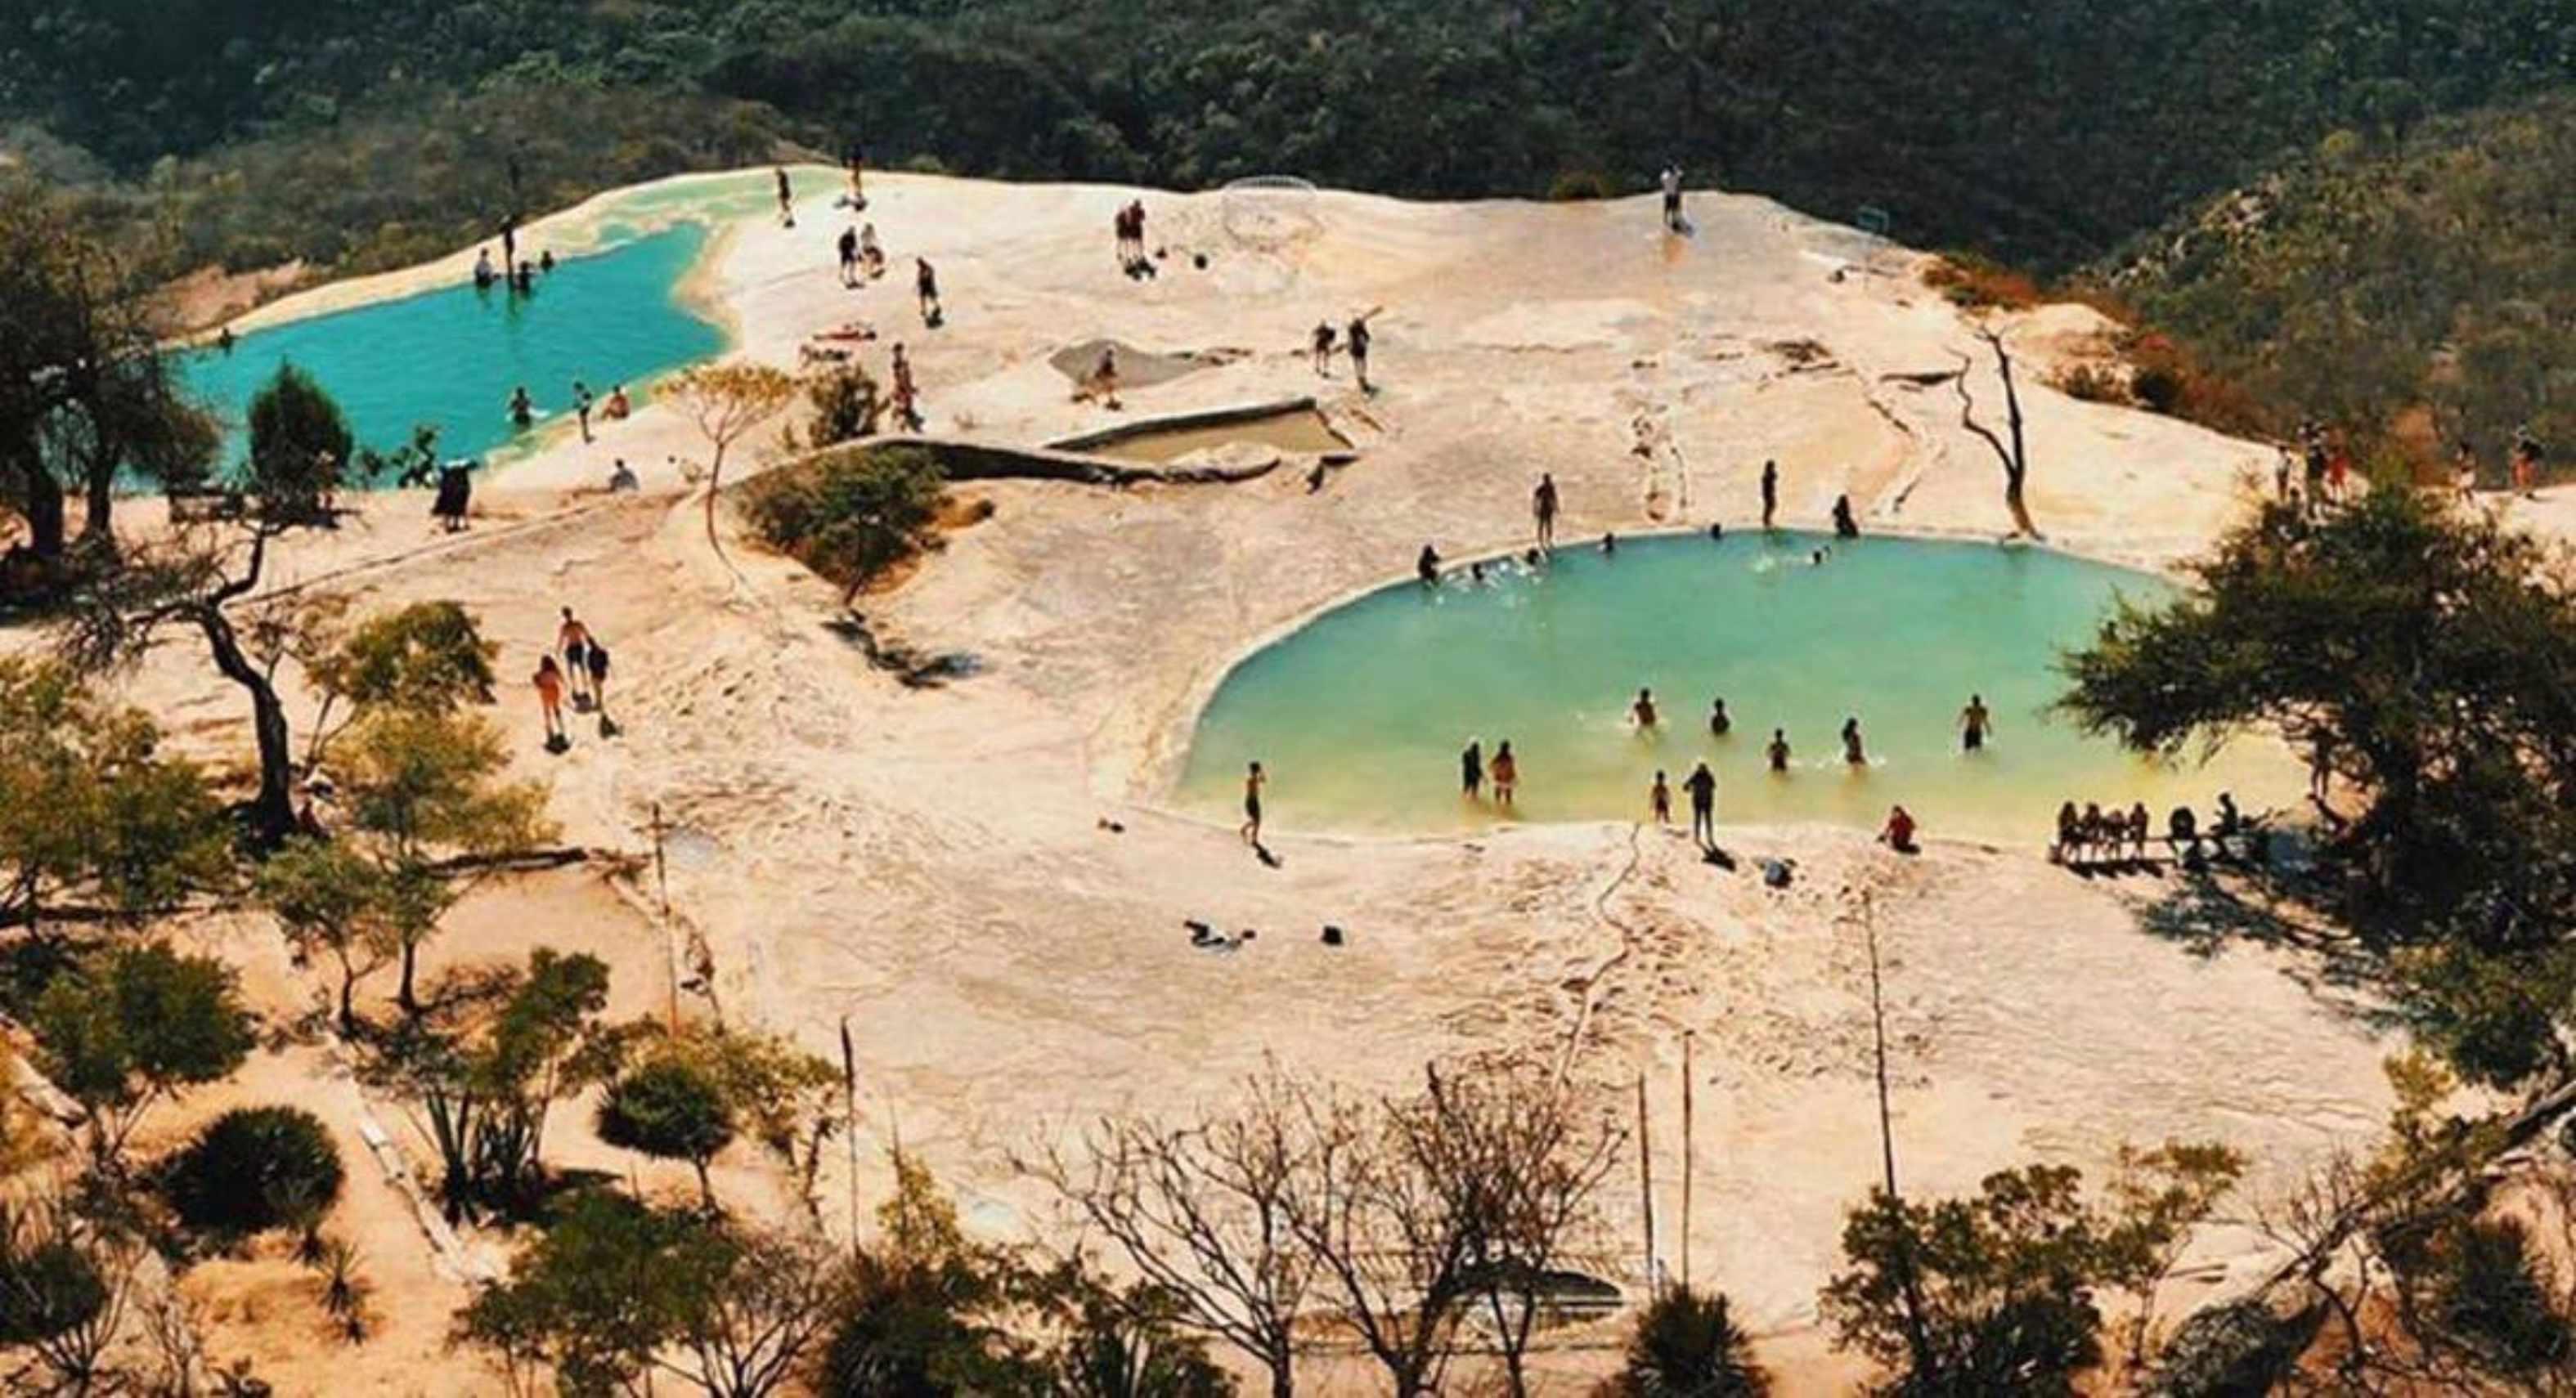 Anuncian cierre definitivo de hierve el agua para el turismo nacional y extranjero